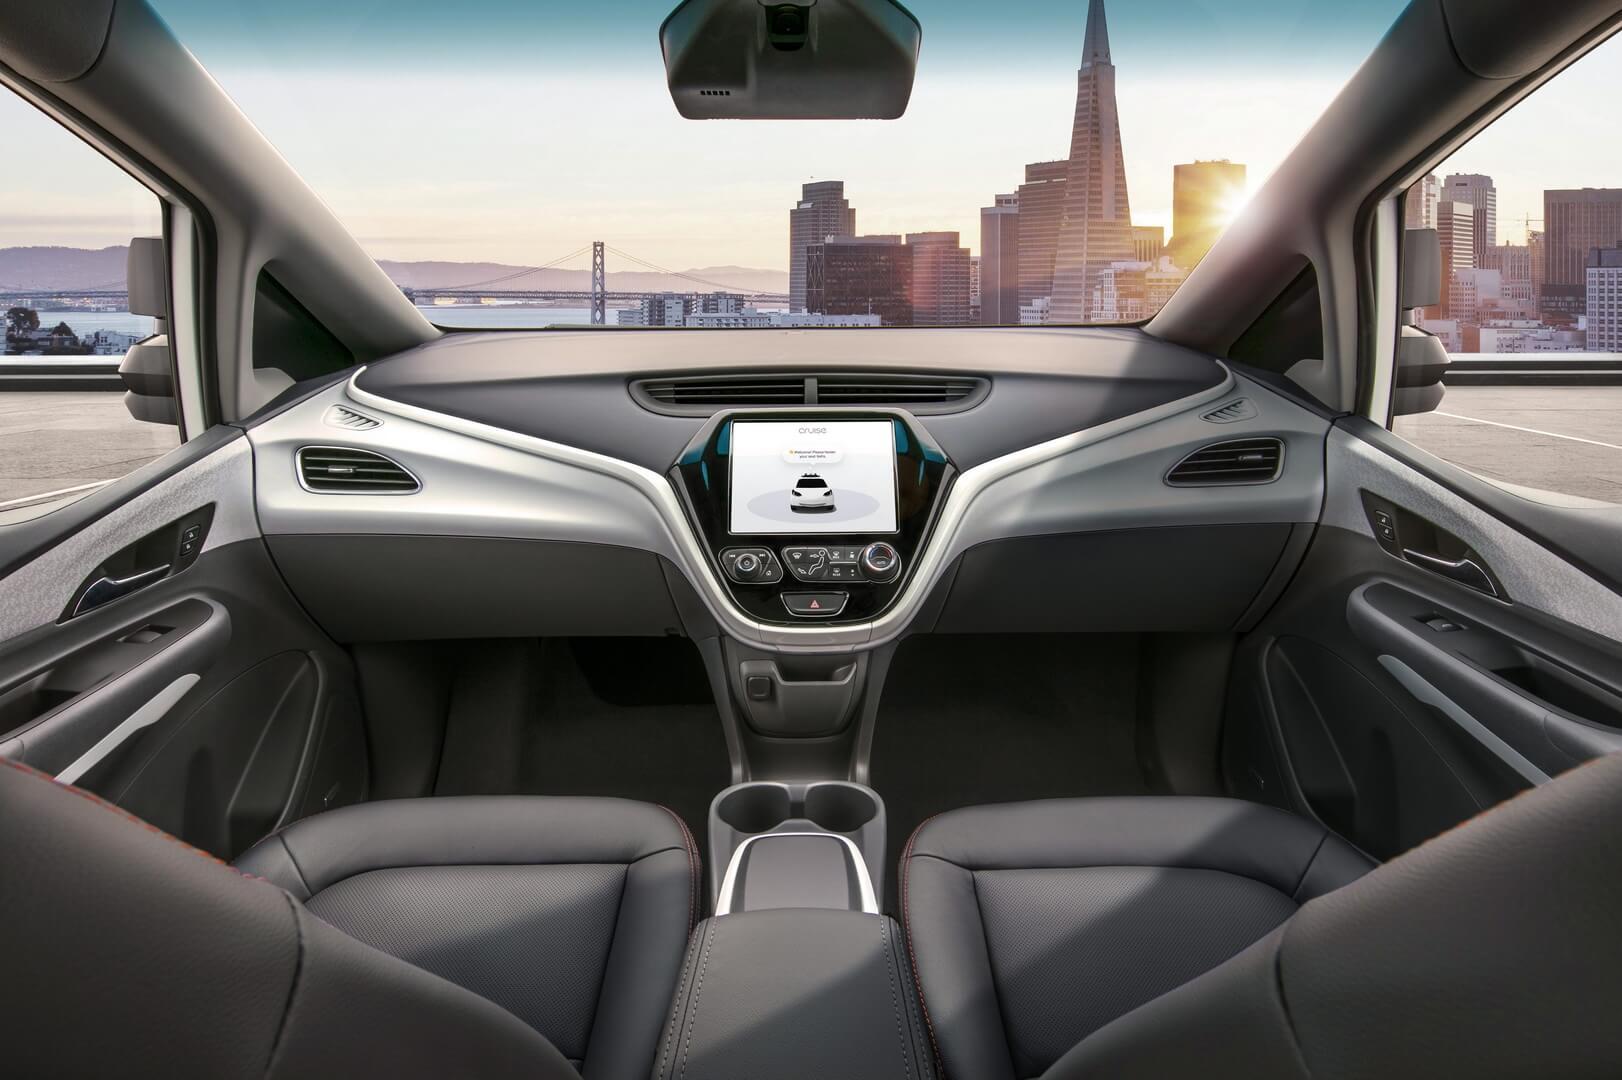 Передние сидения в CruiseAV с дисплеем на передней панели без рулевого колеса